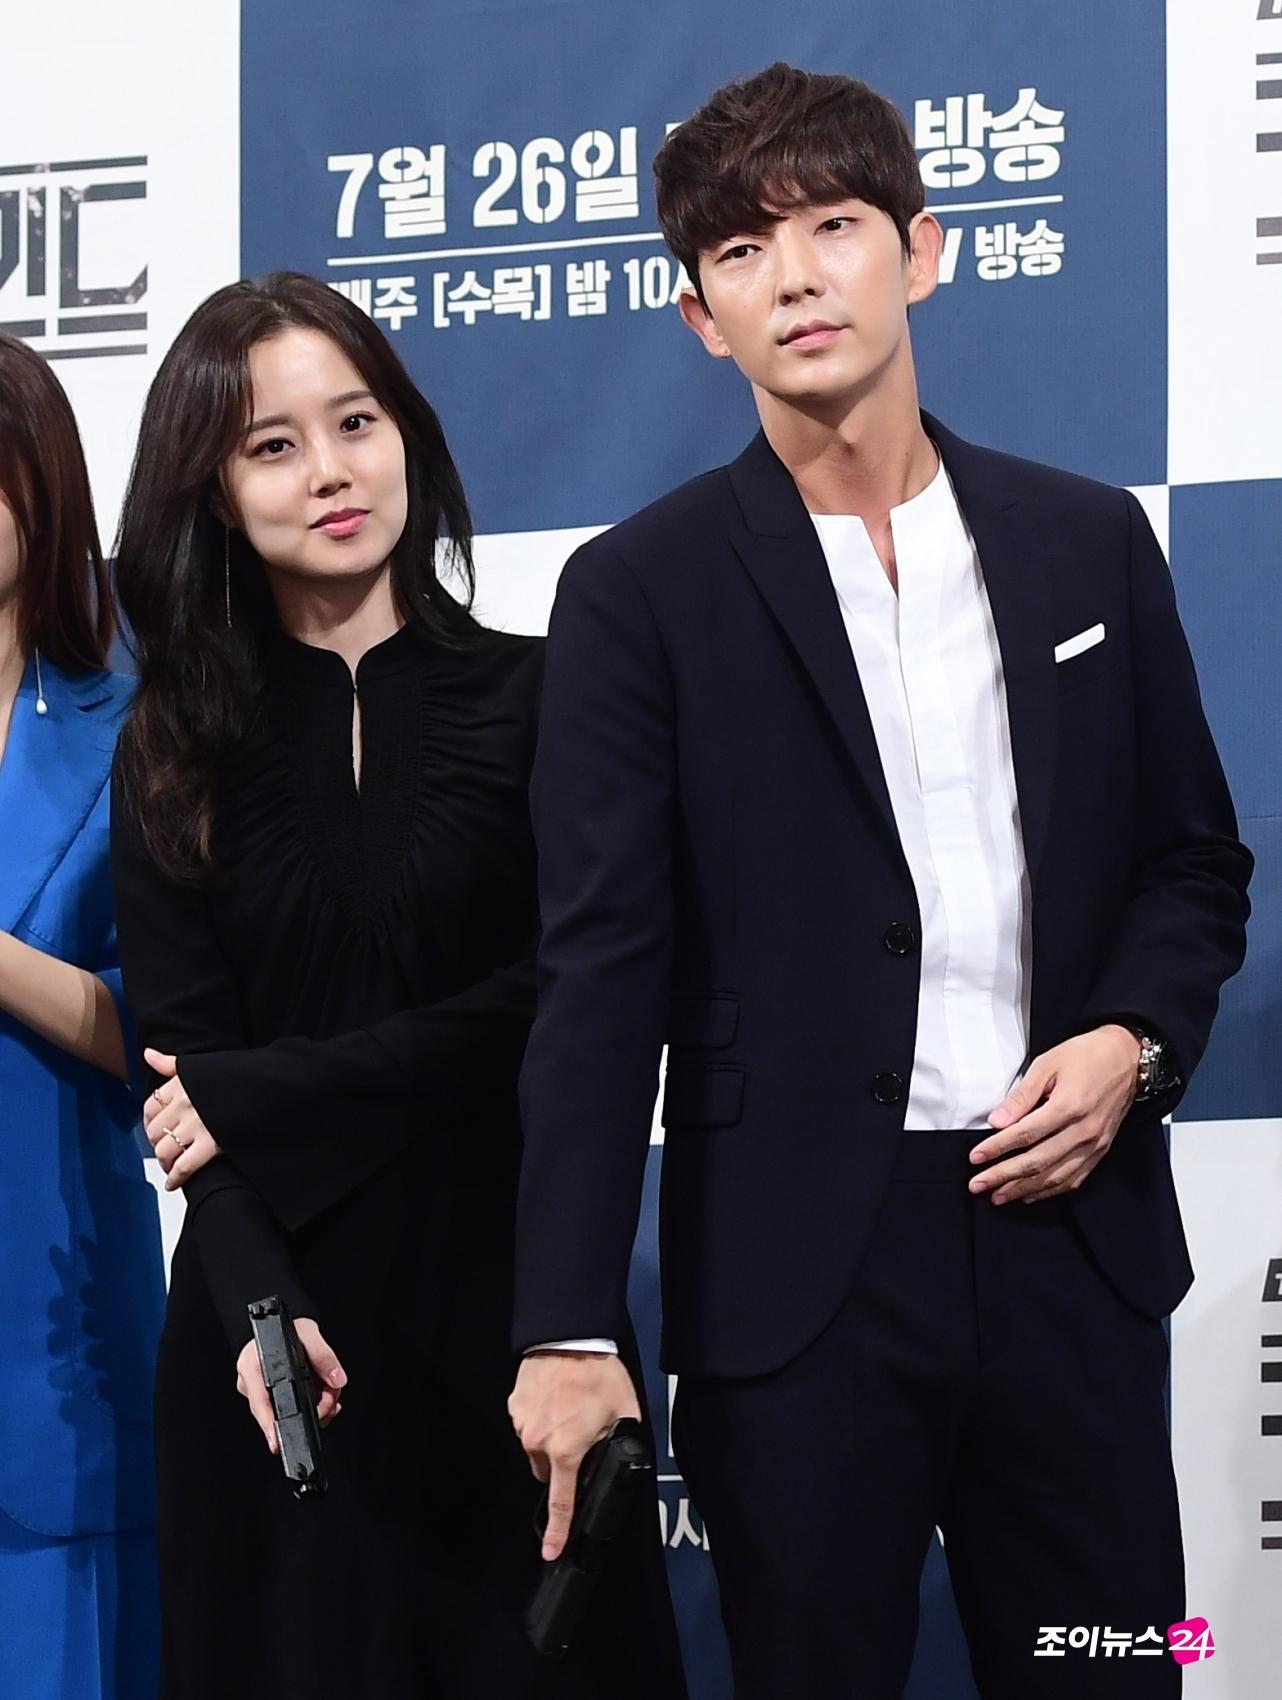 Lee Jun Ki và Moon Chae Won tái hợp vào vai vợ chồng trong phim hình sự mới - Ảnh 1